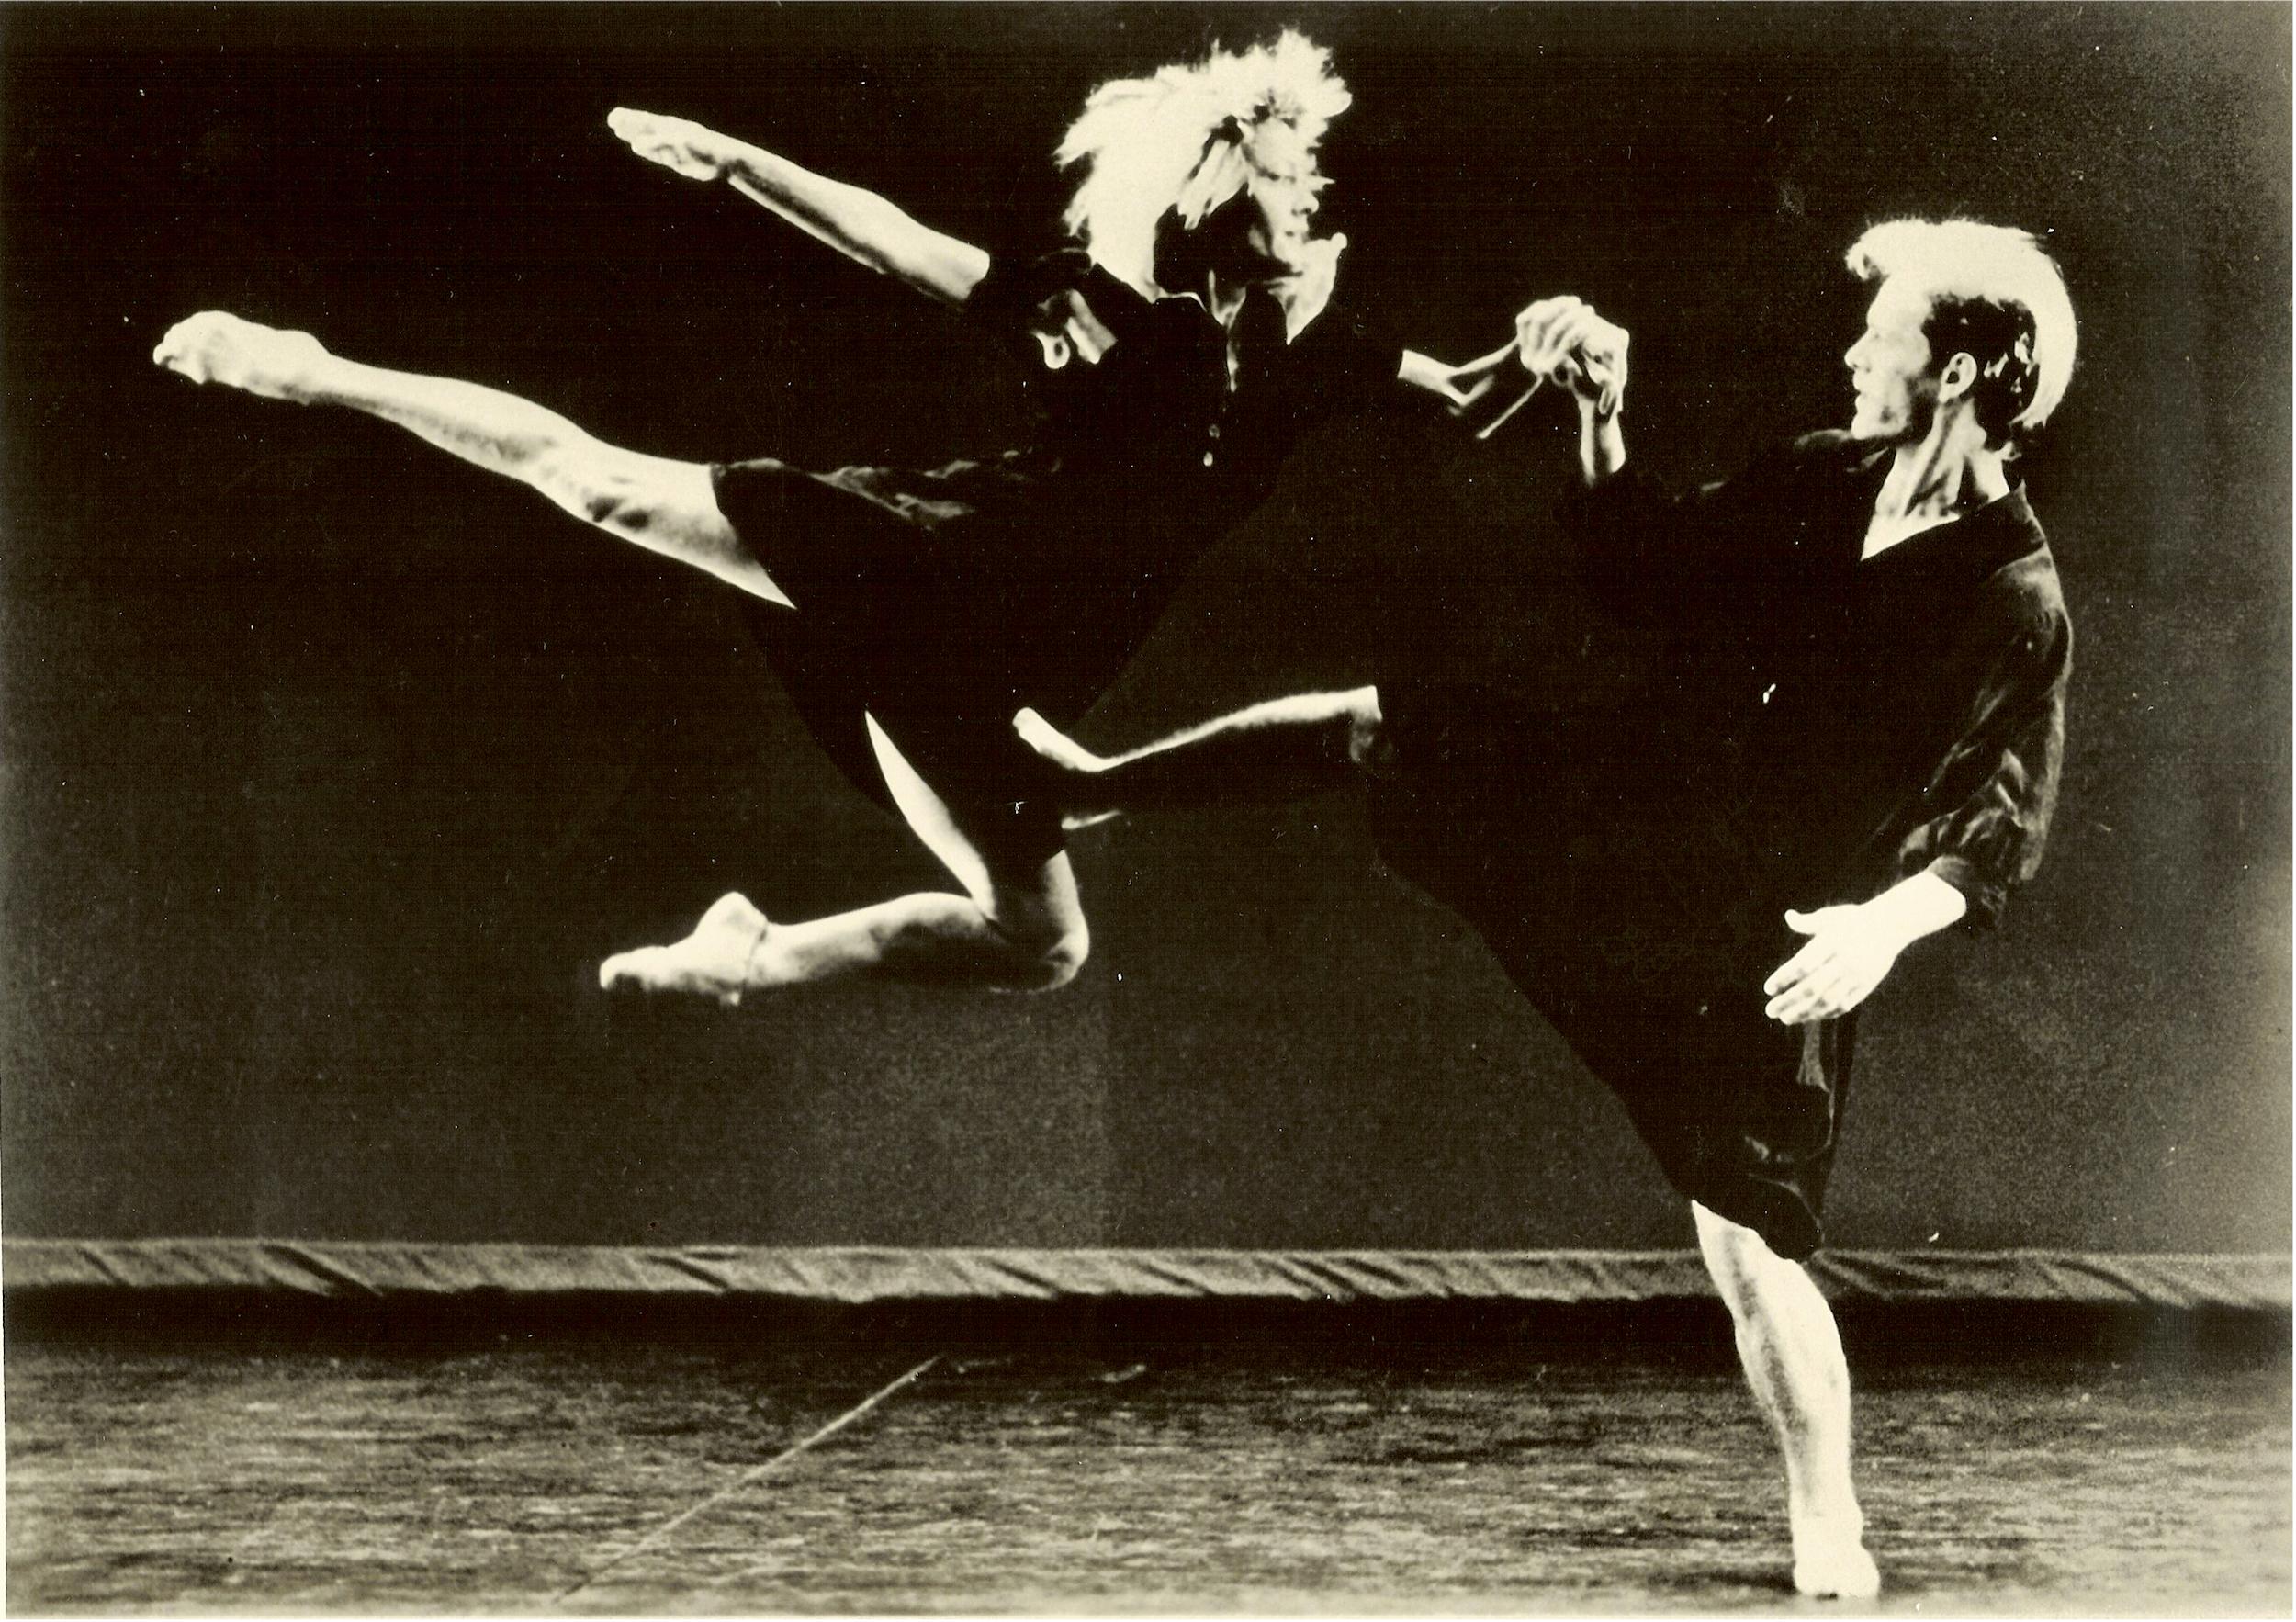 Sara, Jess (1987). Marty Sohl.